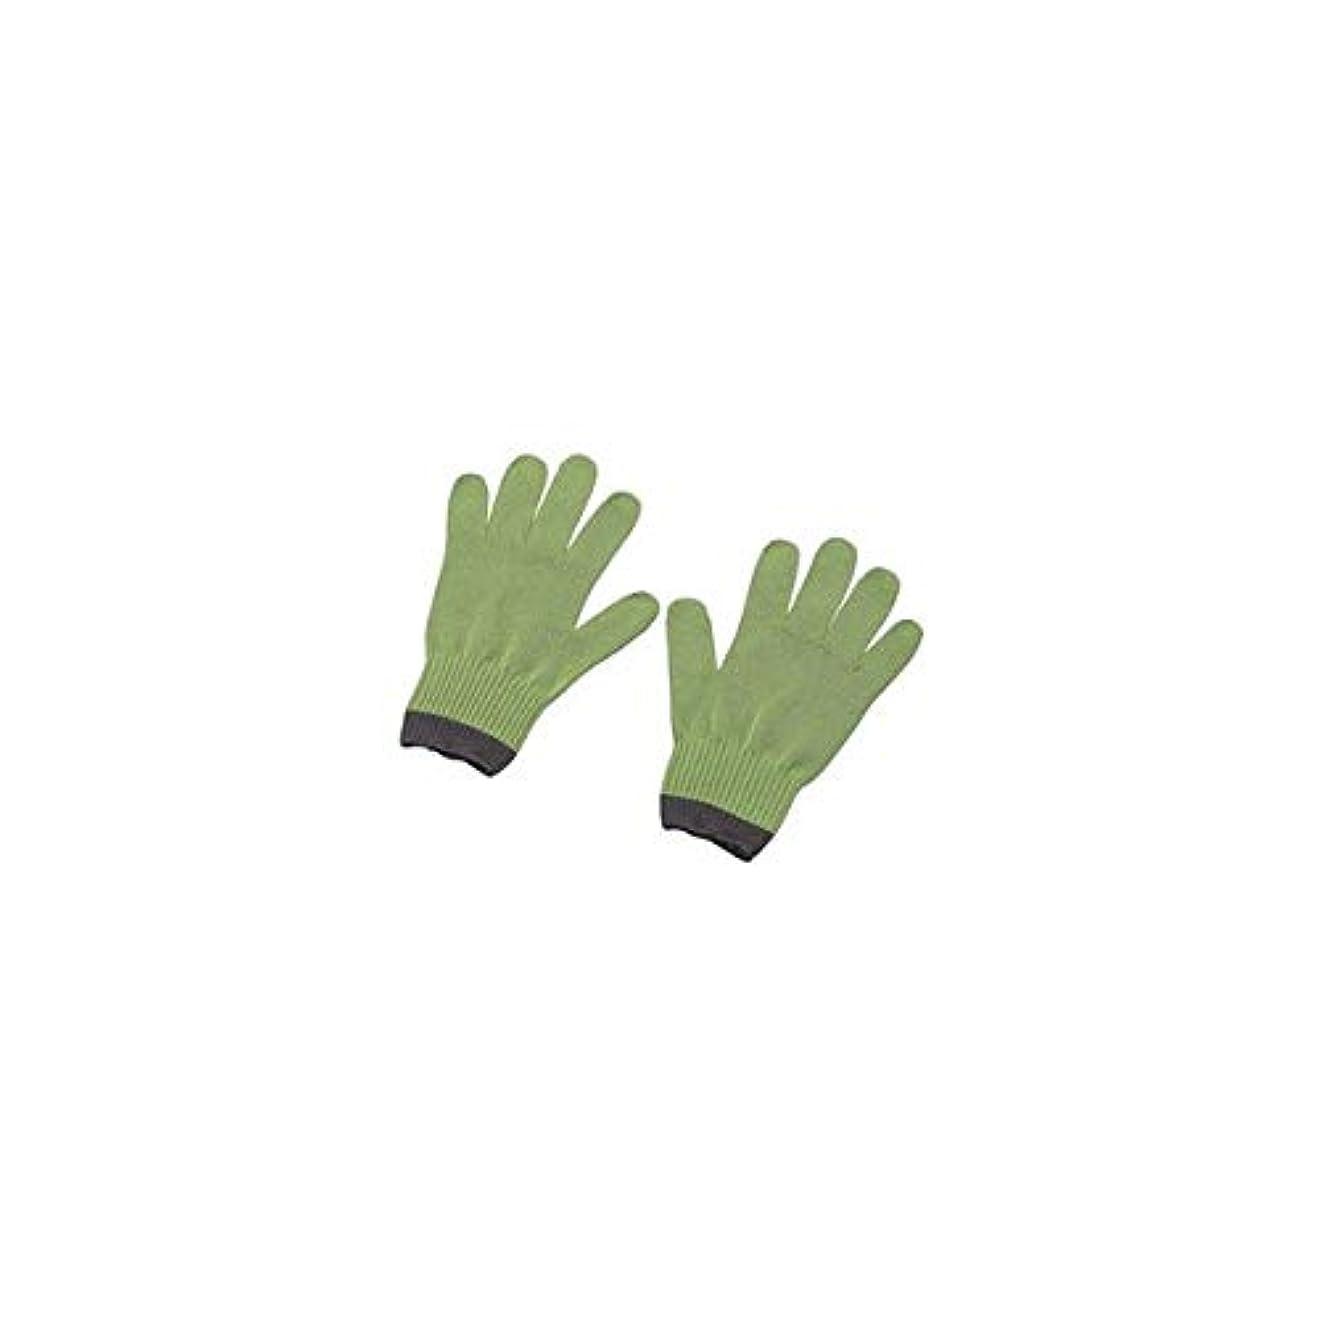 いろいろドライバ溶けたアラミド手袋MEGG-90 洗剤?消耗品 CD:378203